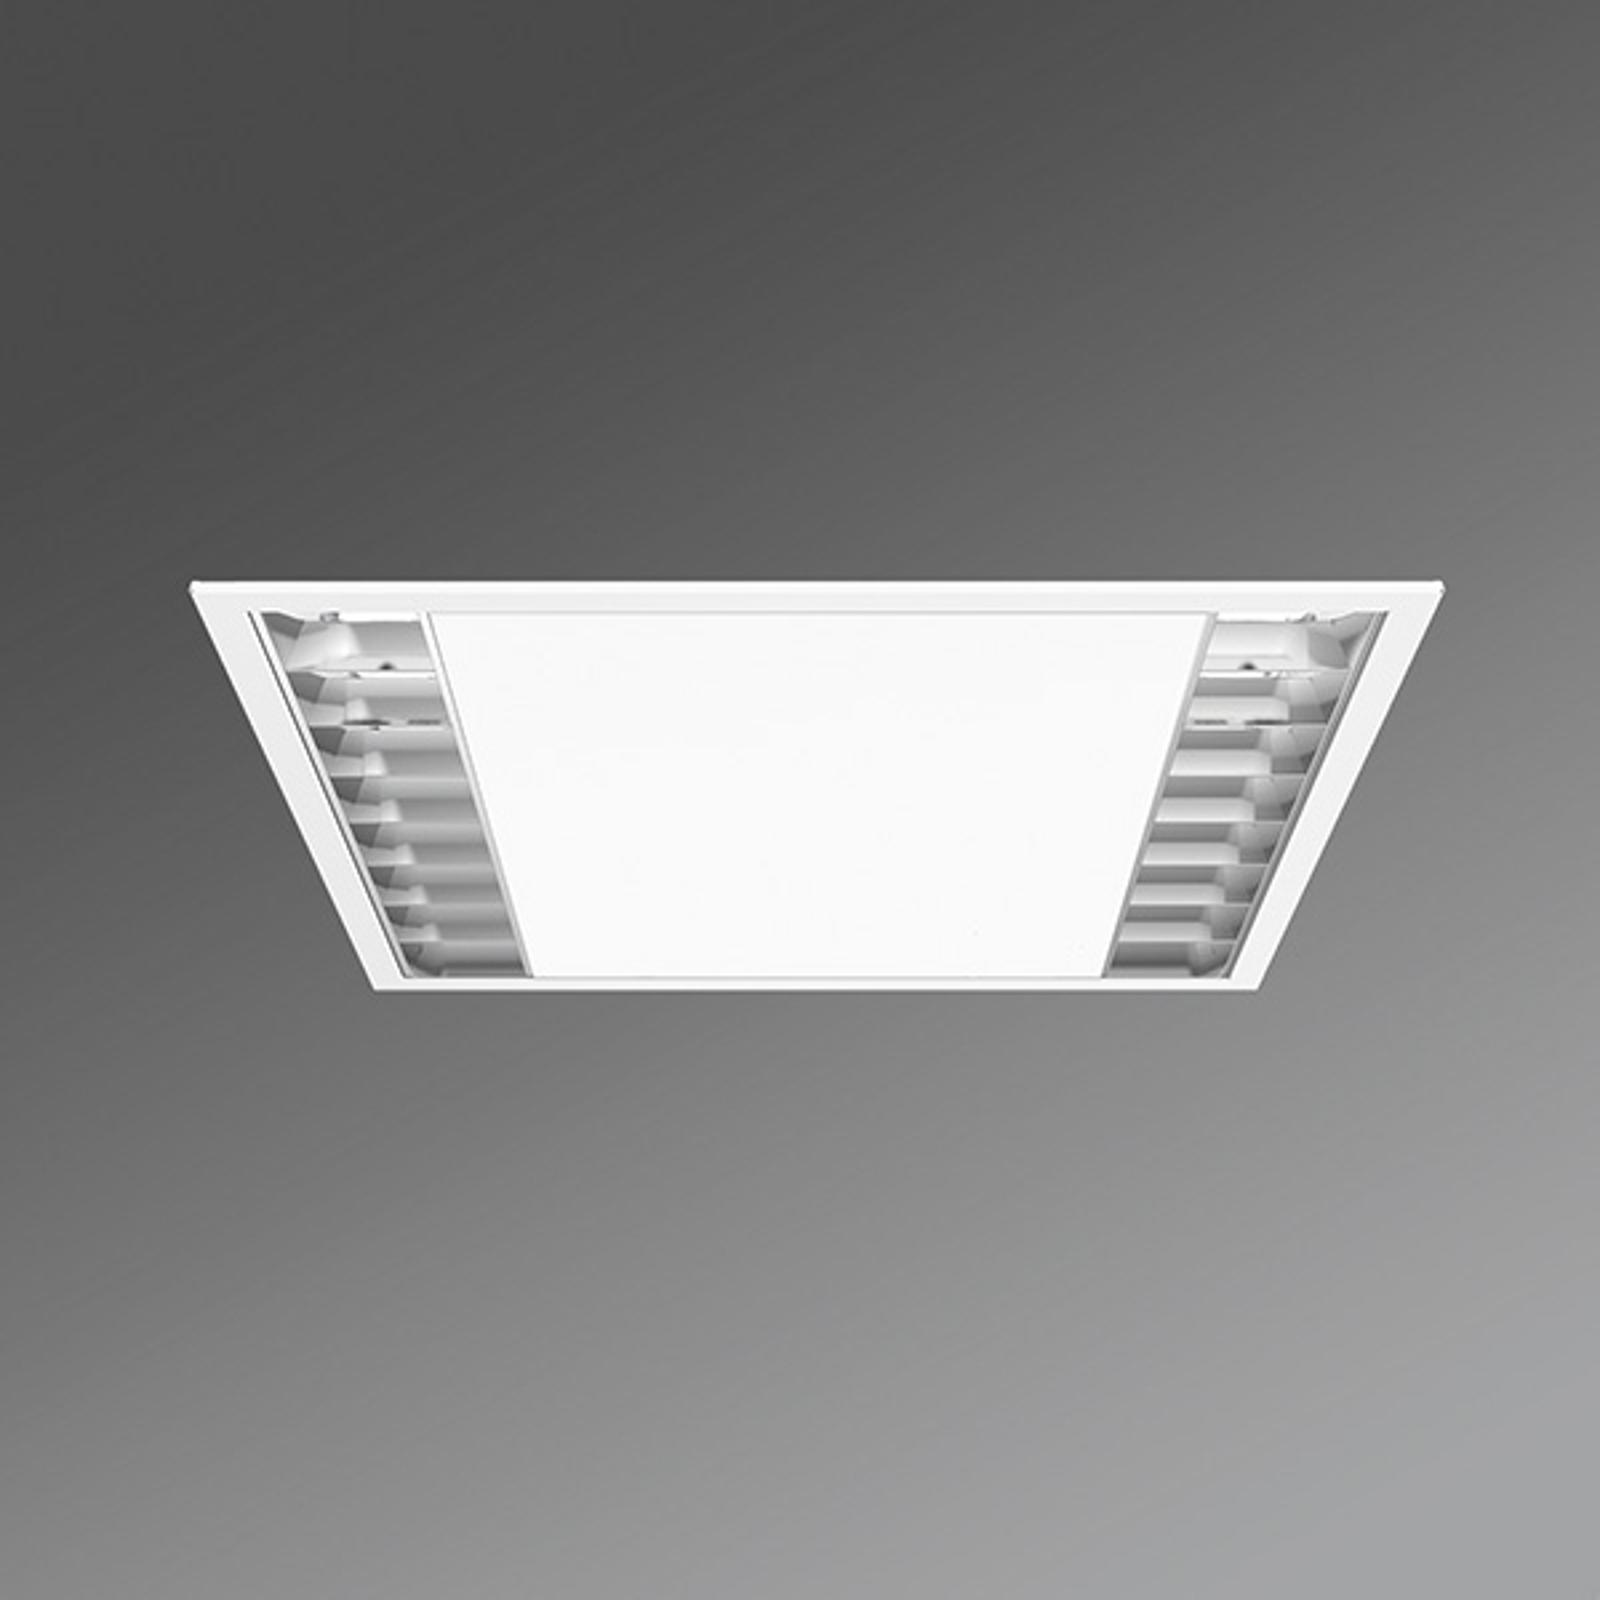 LED-Büro-Deckeneinbauleuchte UEX/625 Parabolraster